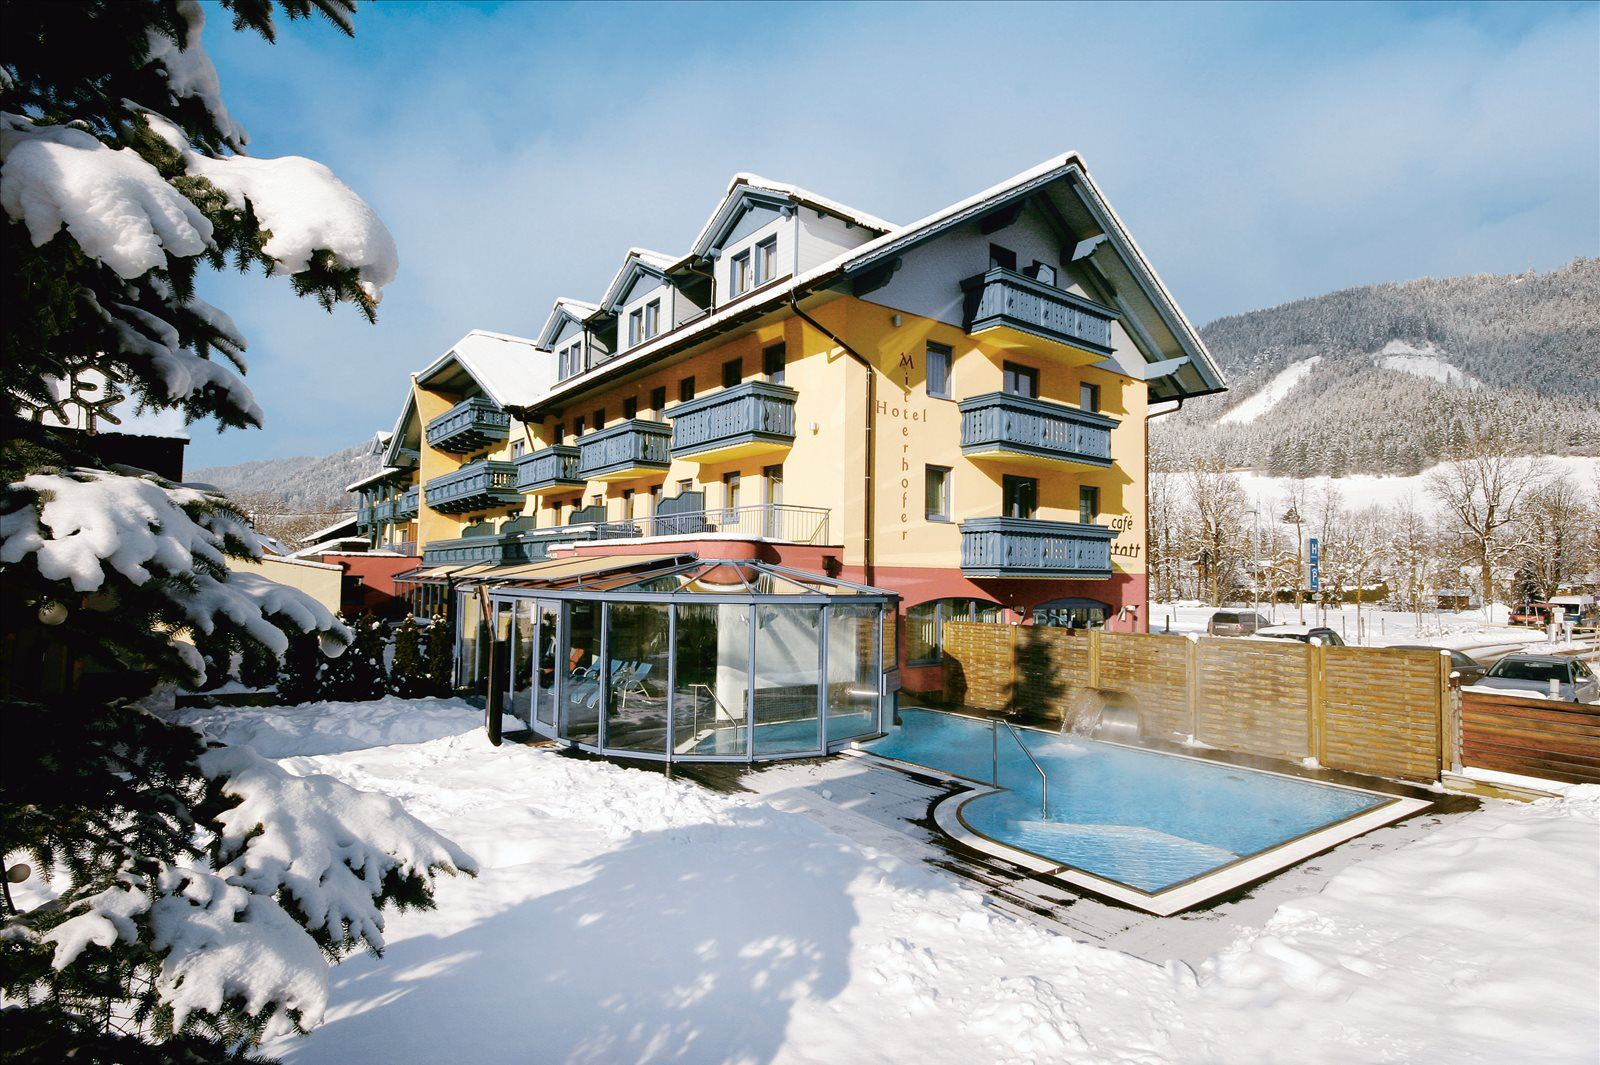 Hotel Mitterhofer - Schladming